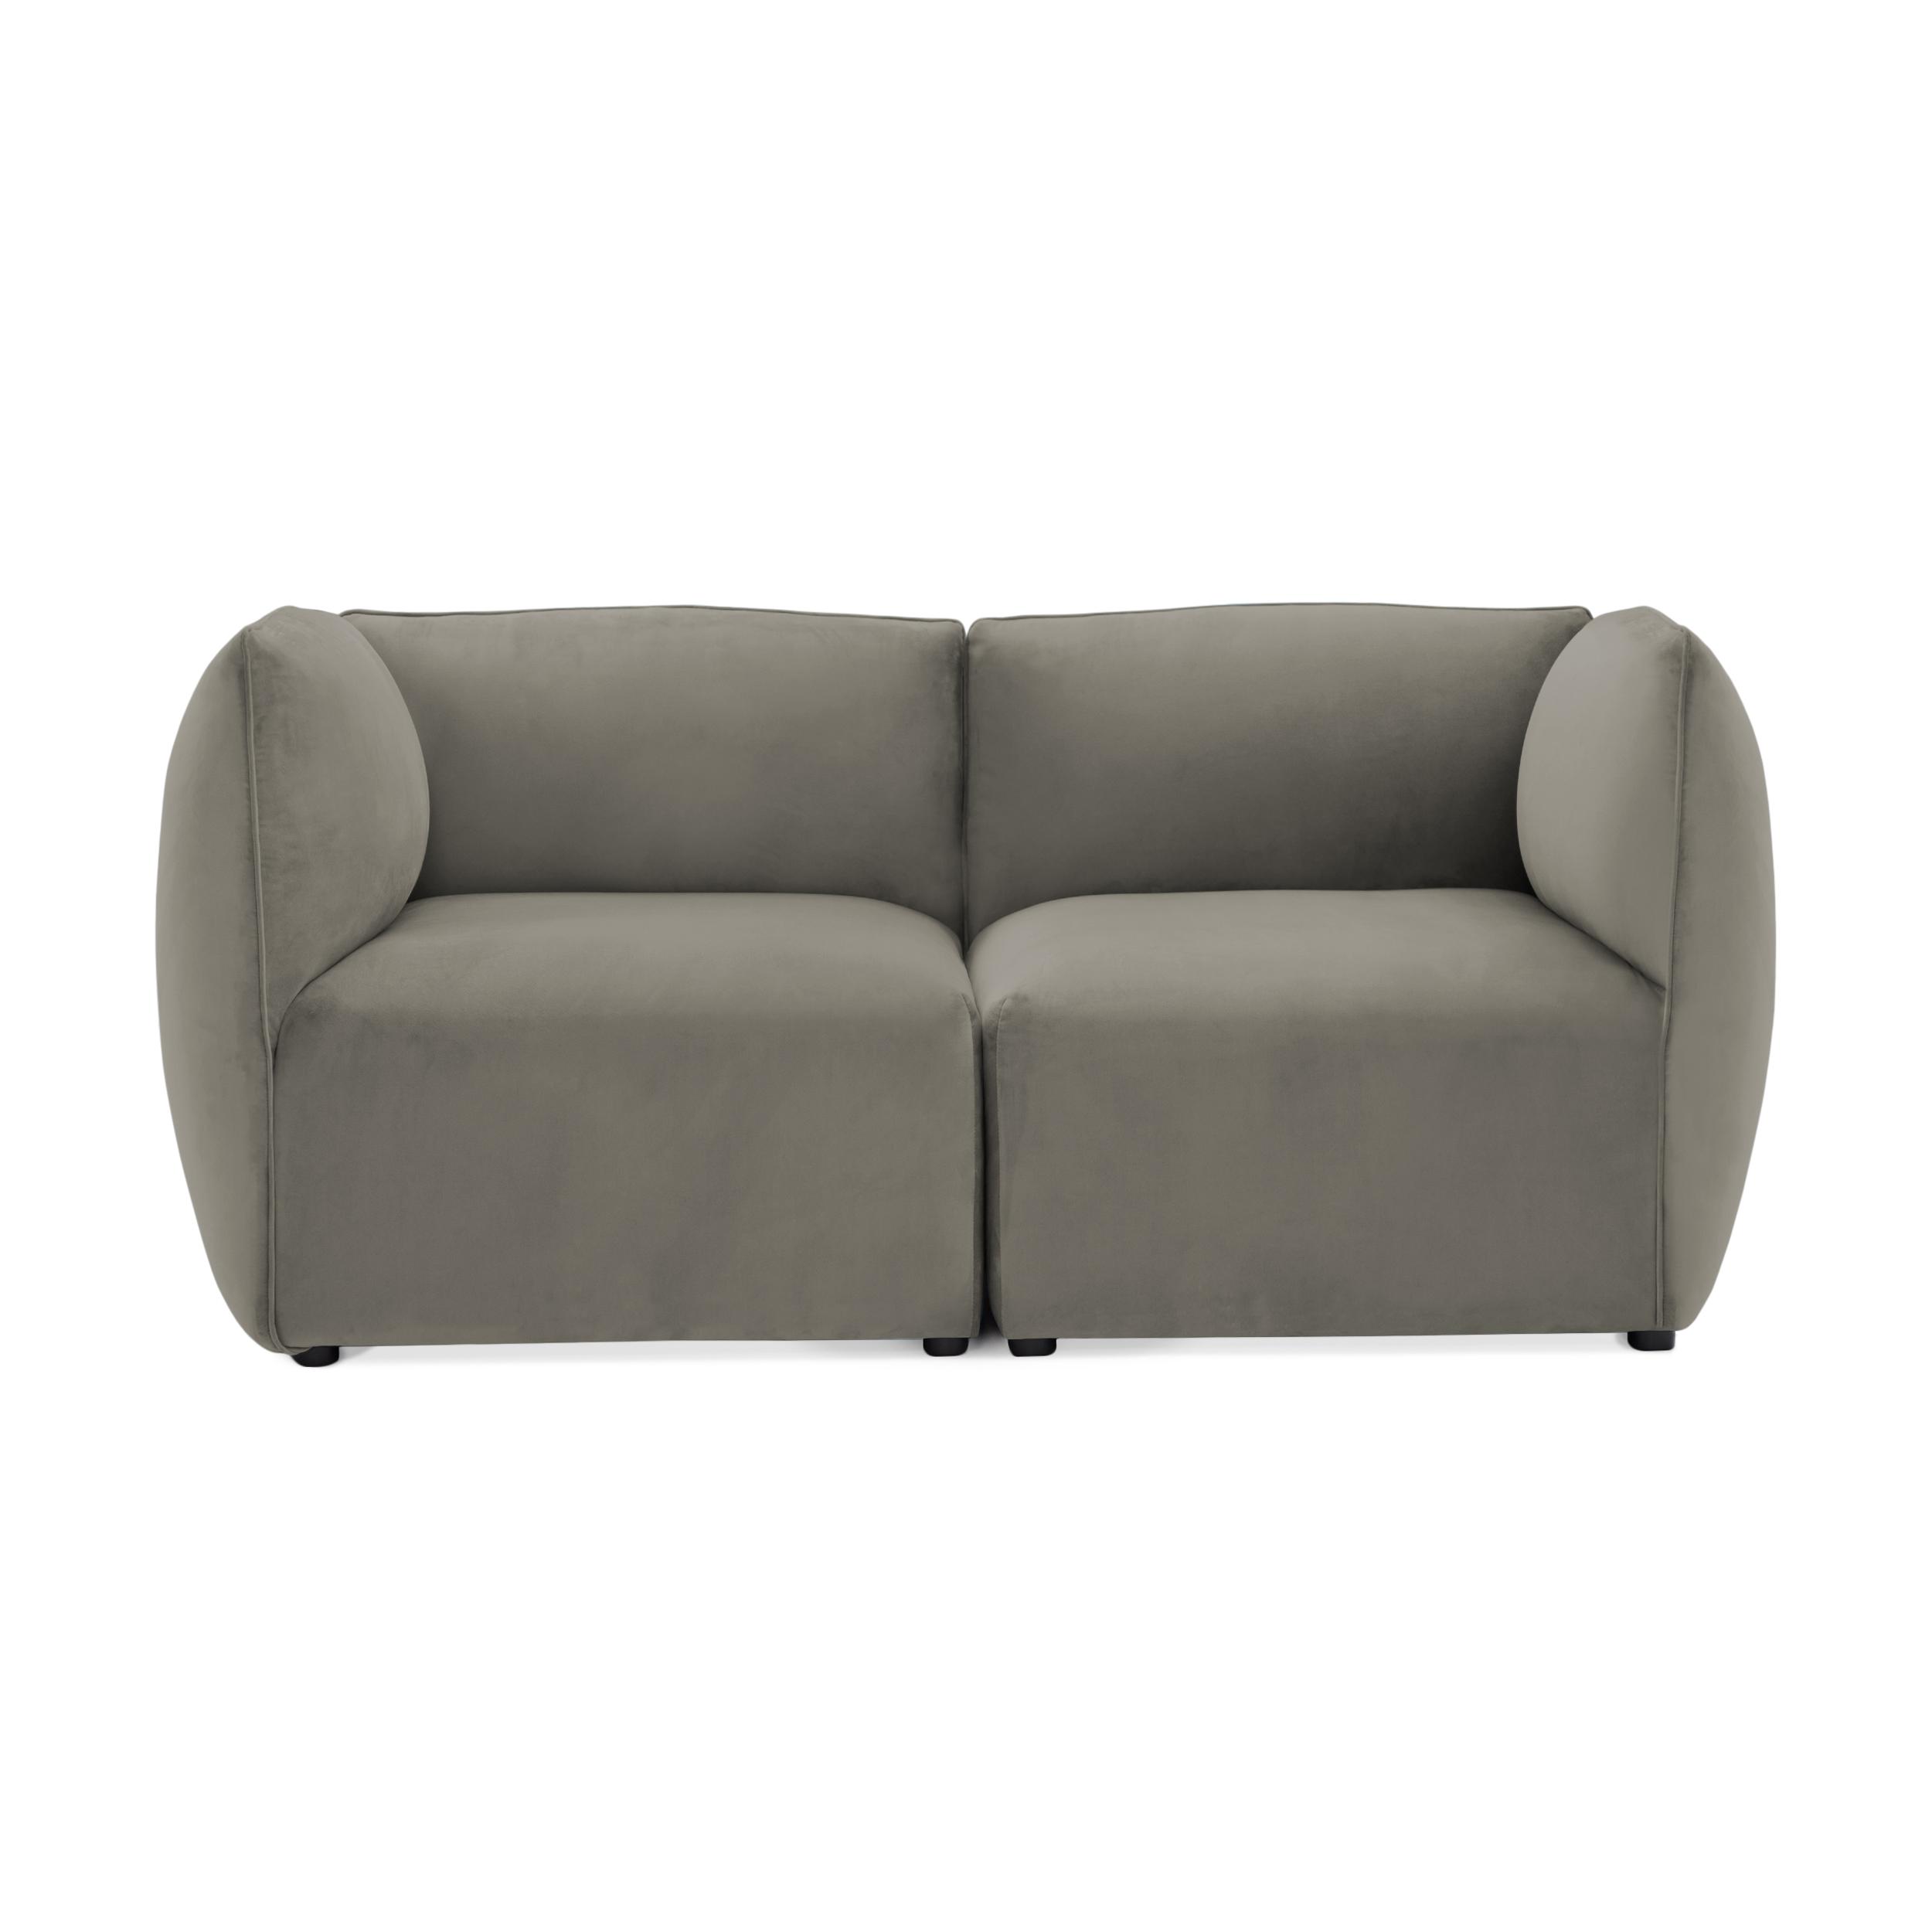 Canapea 2 locuri Cube Silver